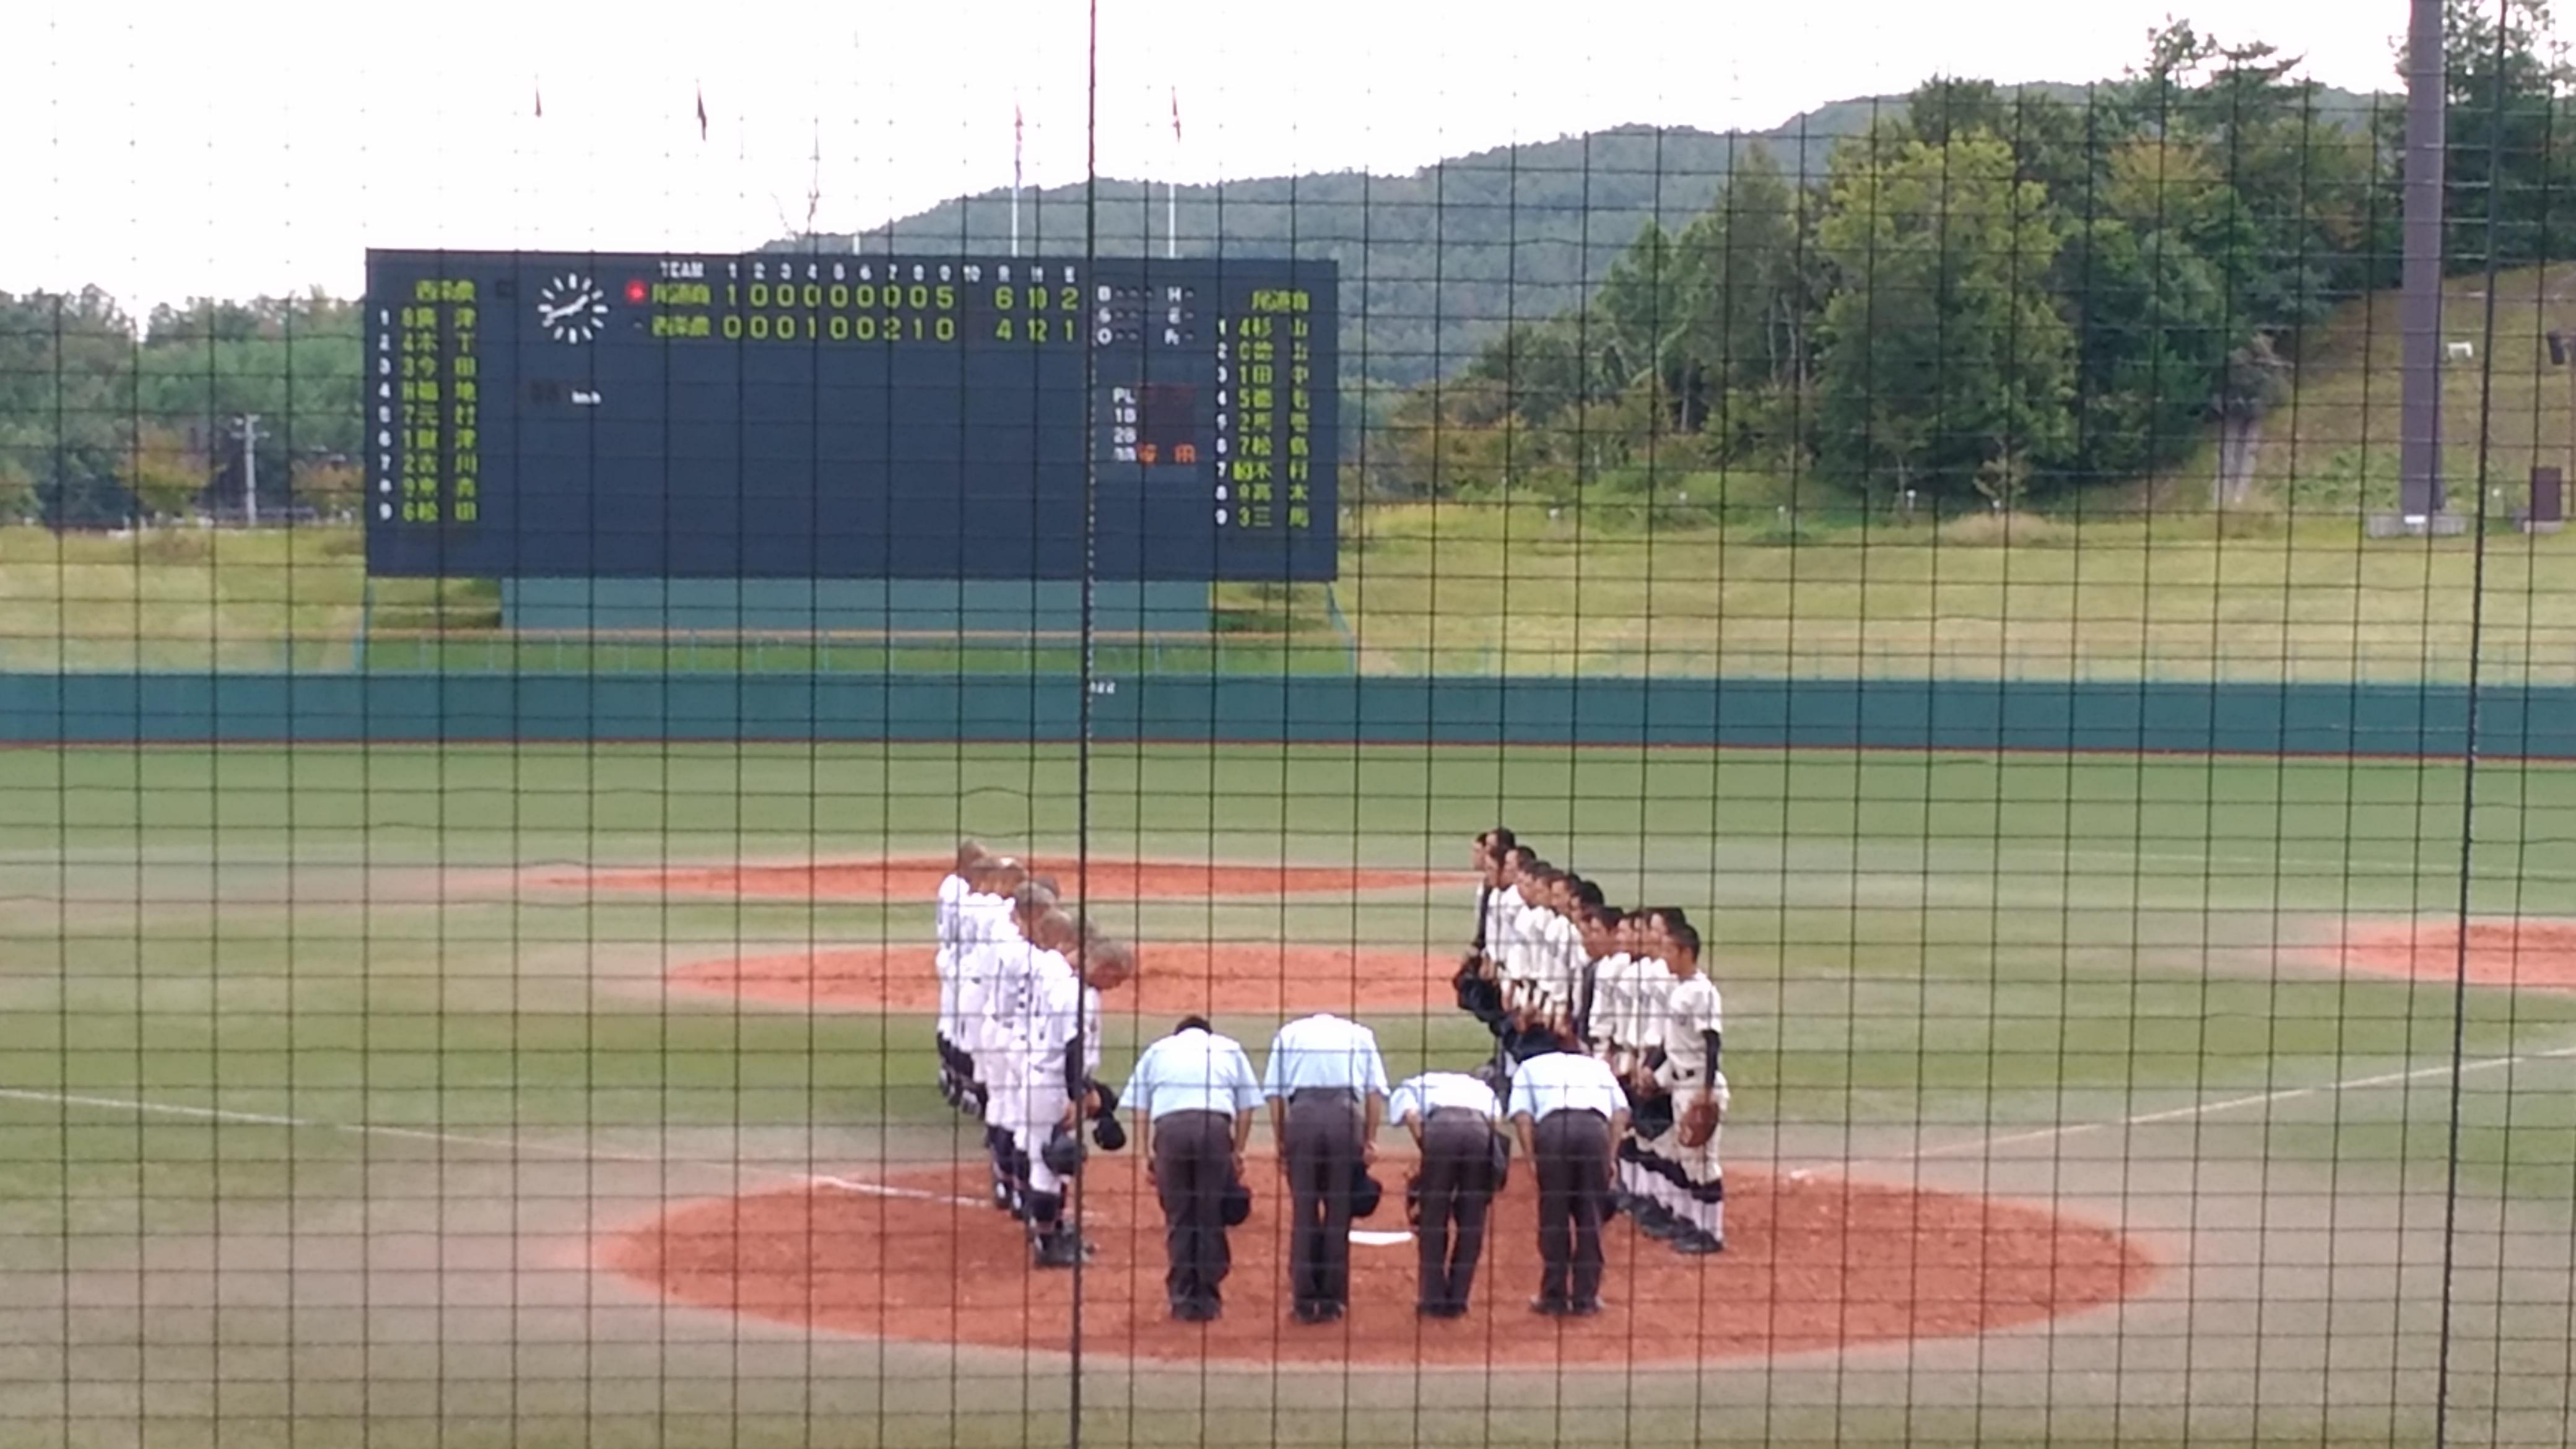 【春季】広島県高校野球大会が、すでに始まっていますよ! -県大会が行われる(はずの)球場のご紹介です!-